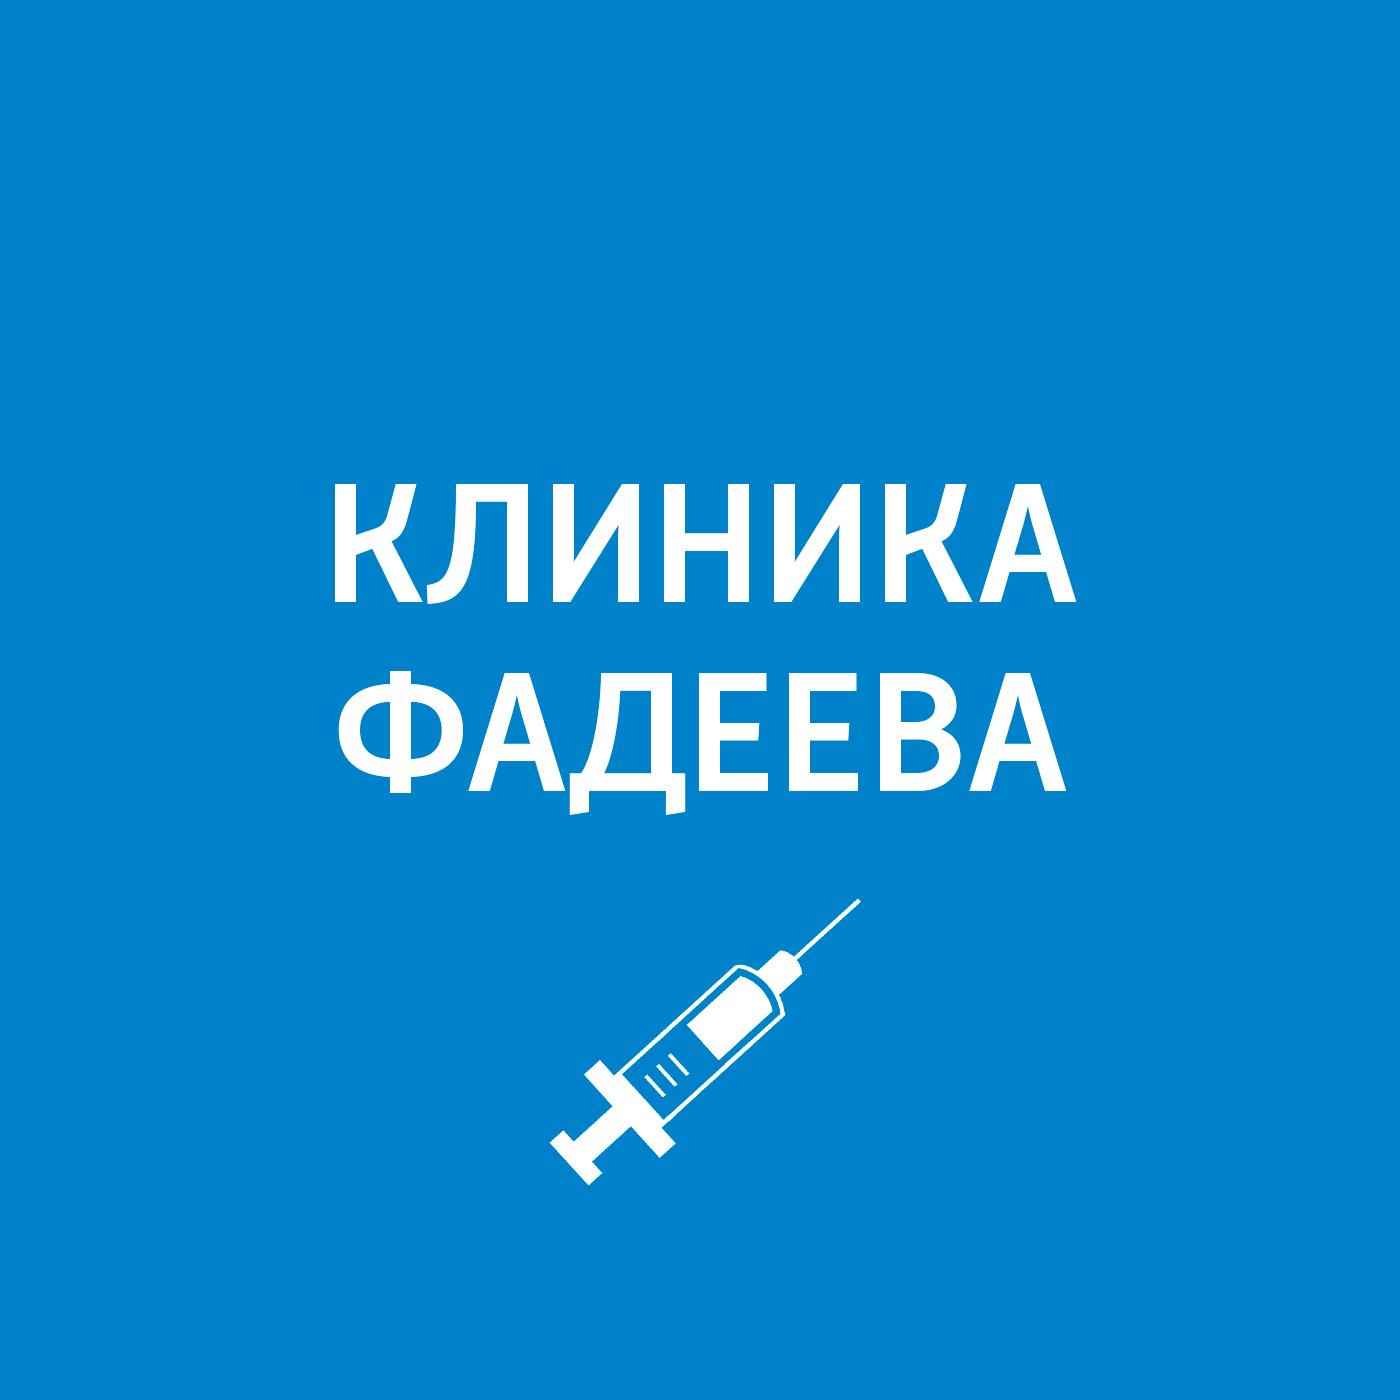 Пётр Фадеев Фитнес пётр фадеев кинезиолог остеопат